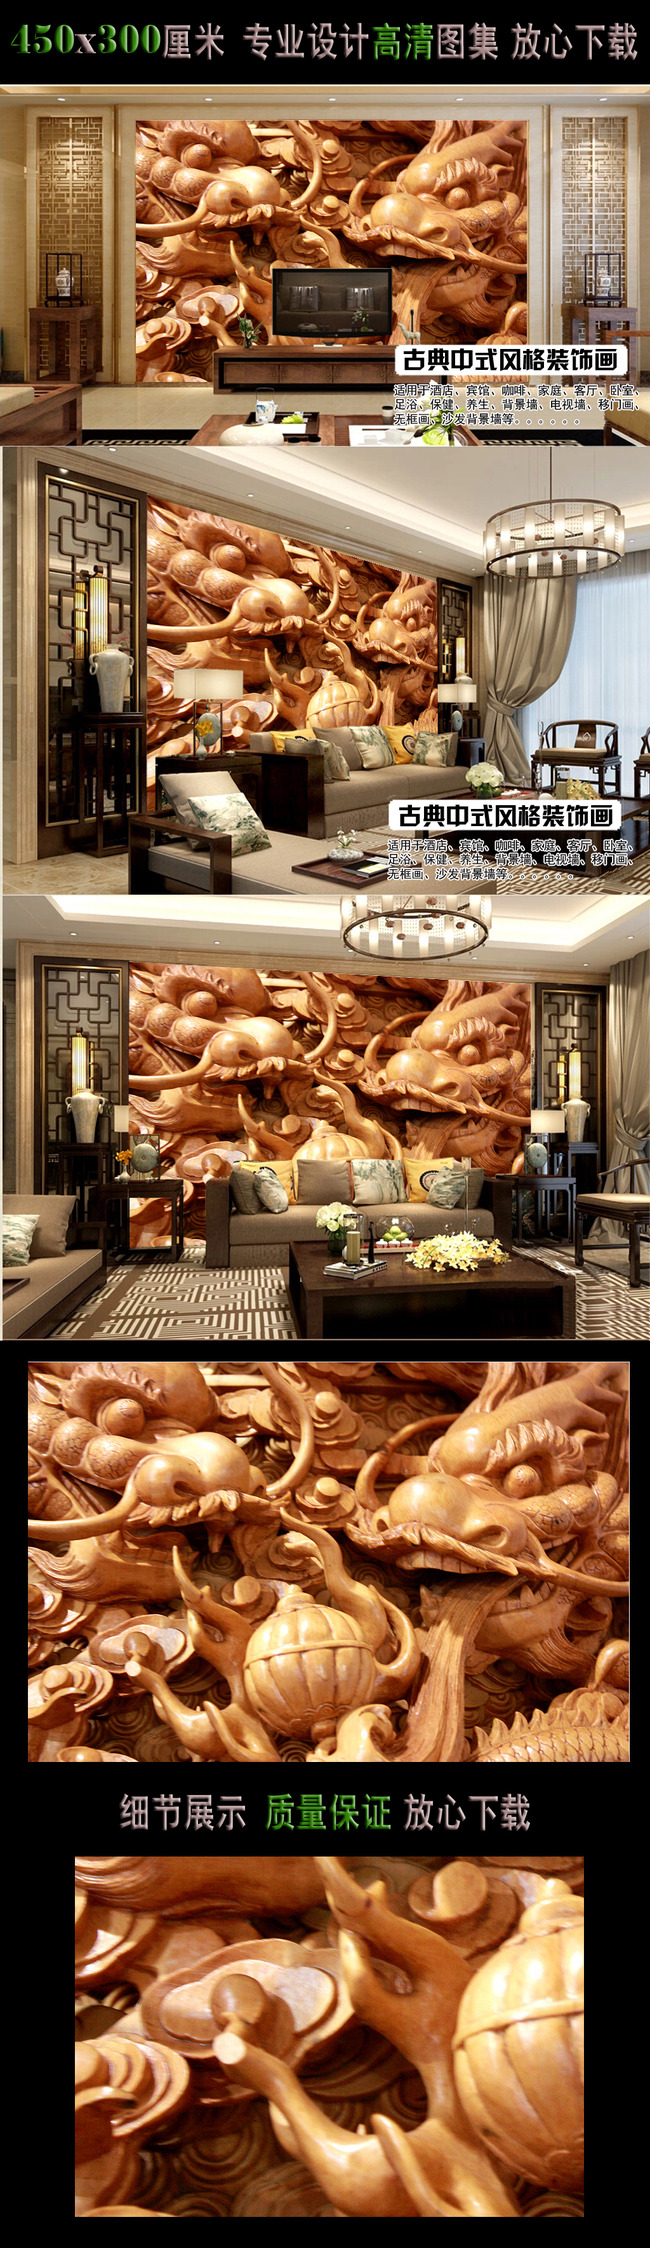 中国龙木雕电视背景墙